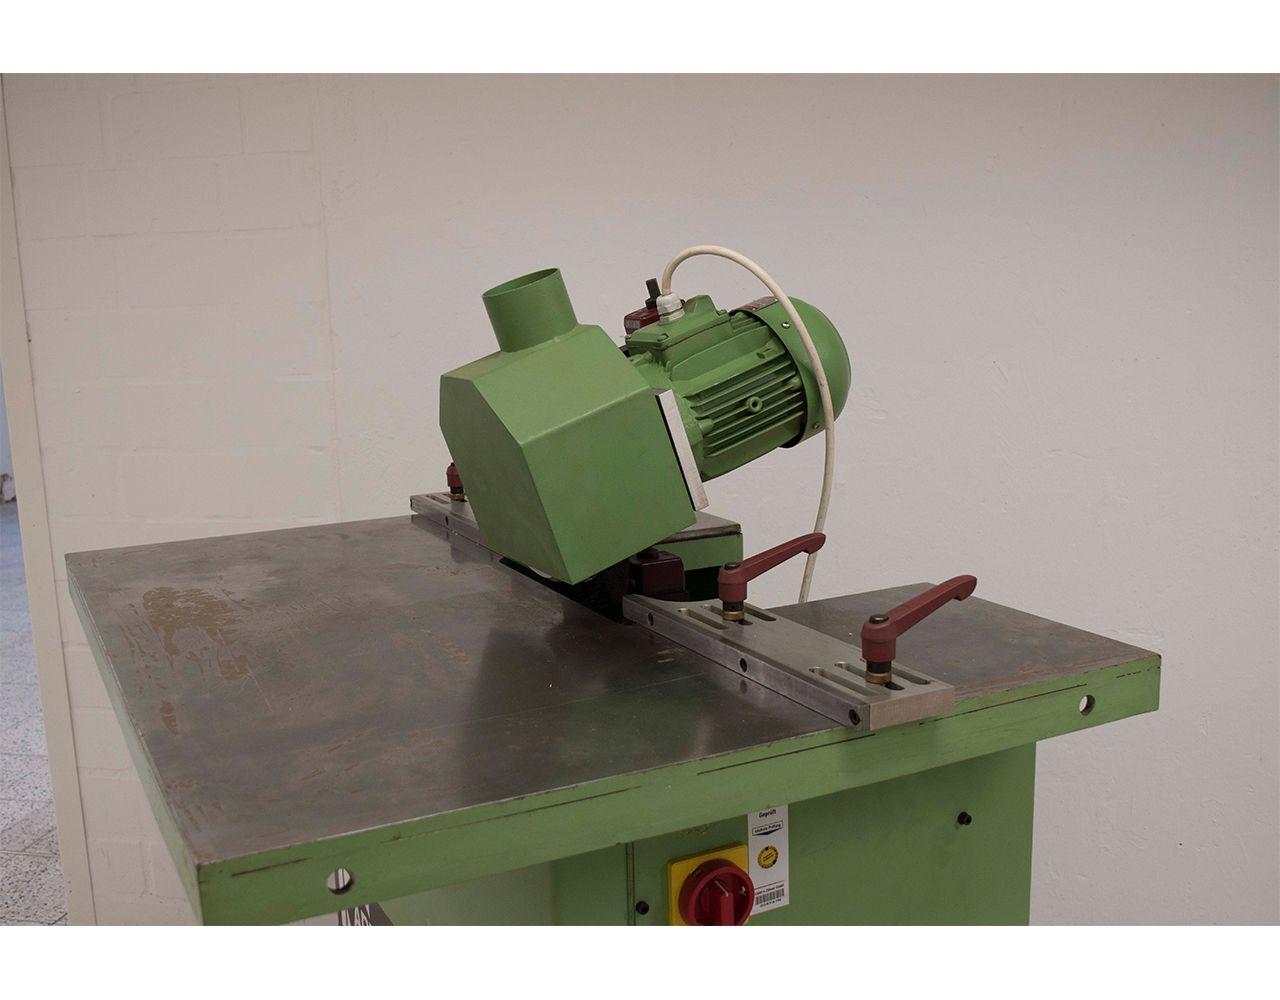 arminius-schleifmittel-start-produkte-gebrauchtmaschinen-slider-8